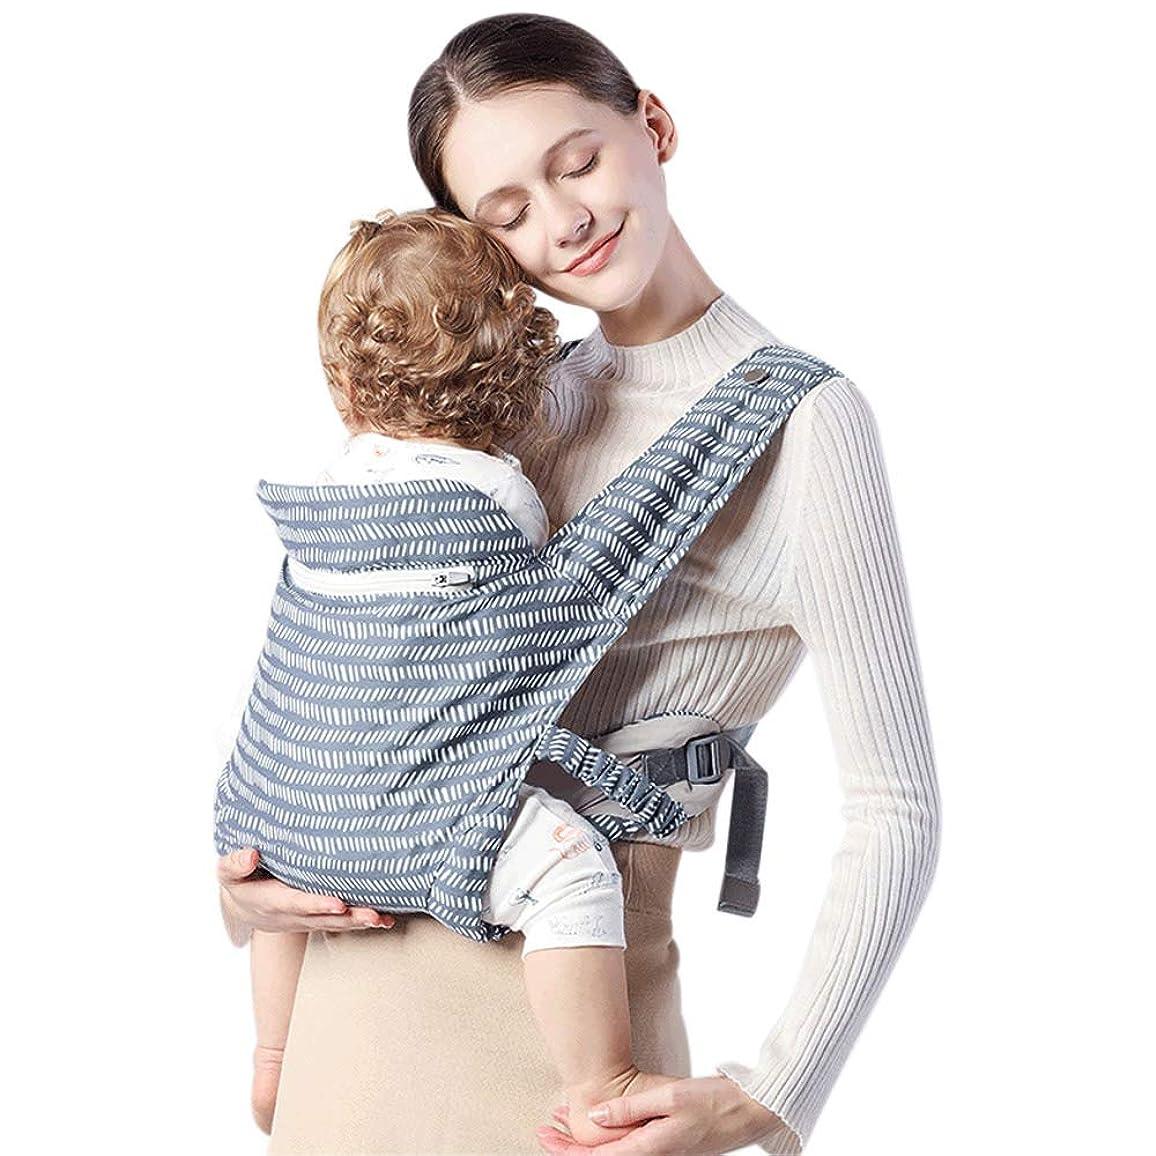 受け継ぐ降雨マニュアルベビーキャリア 抱っこひもケープ 多機能 新生児から3歳まで お出かけ用 対面抱き 前向き抱っこ おんぶ (ブルー)